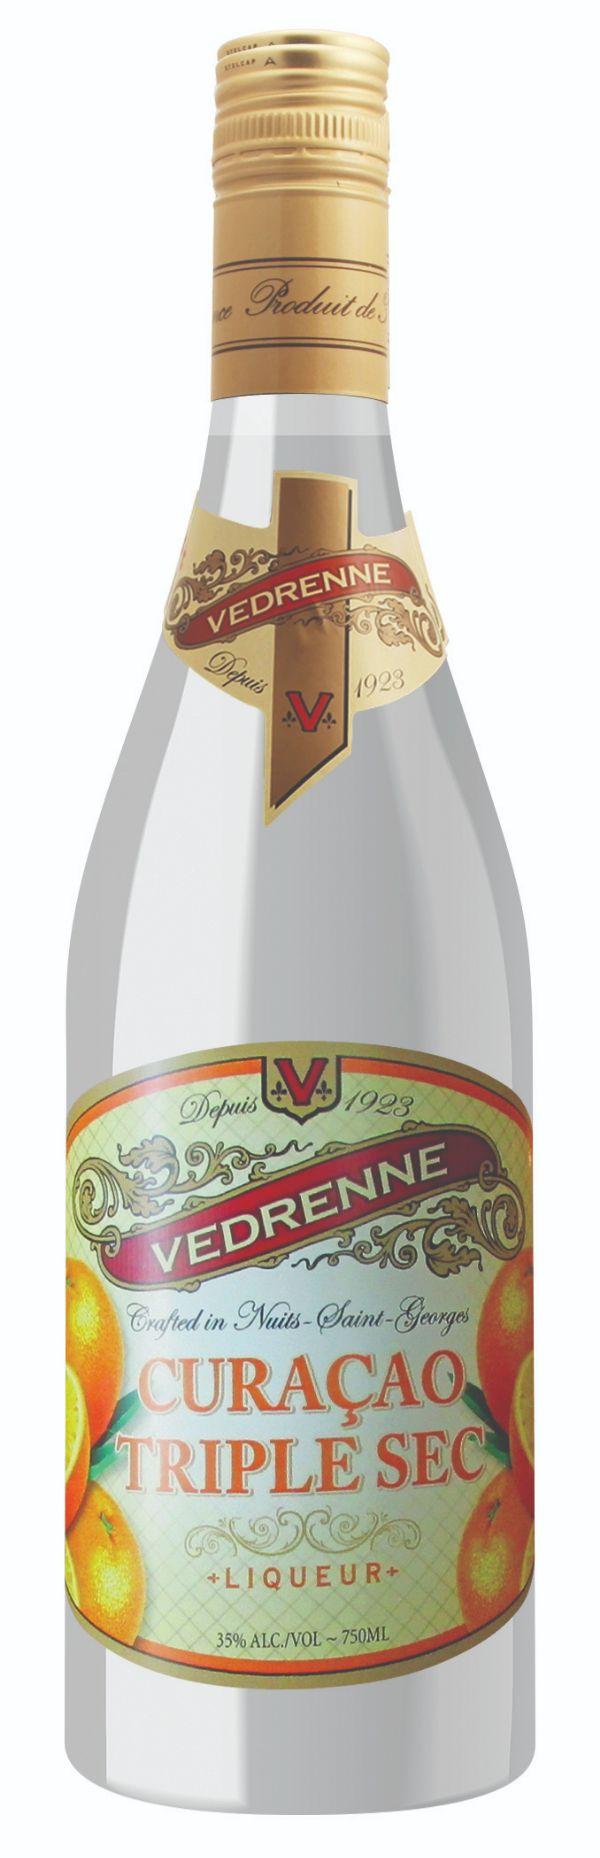 Vedrenne Triple Sec Liqueur